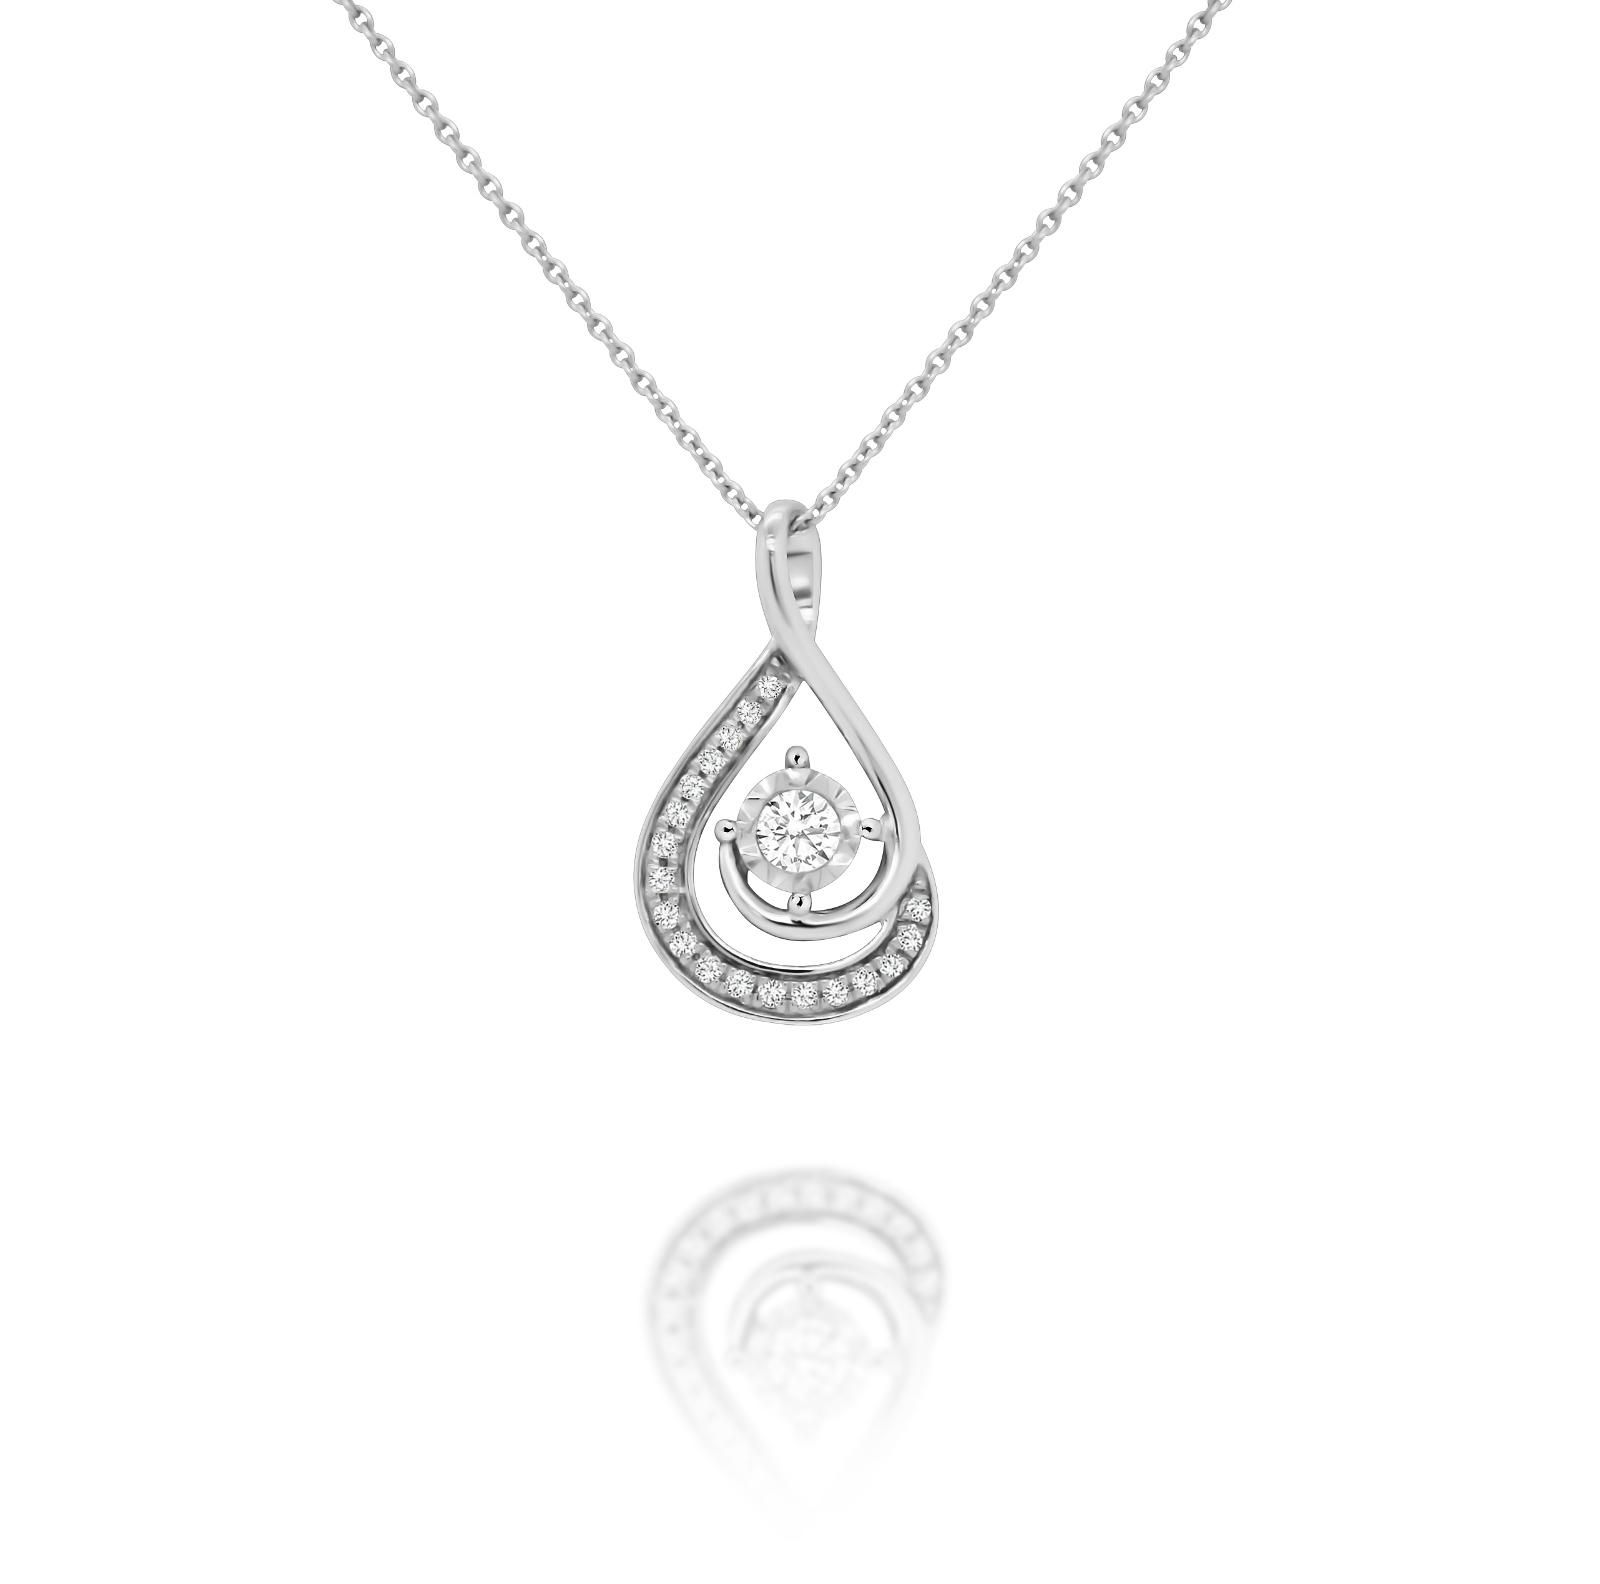 Teardrop Swirl Necklace - $599